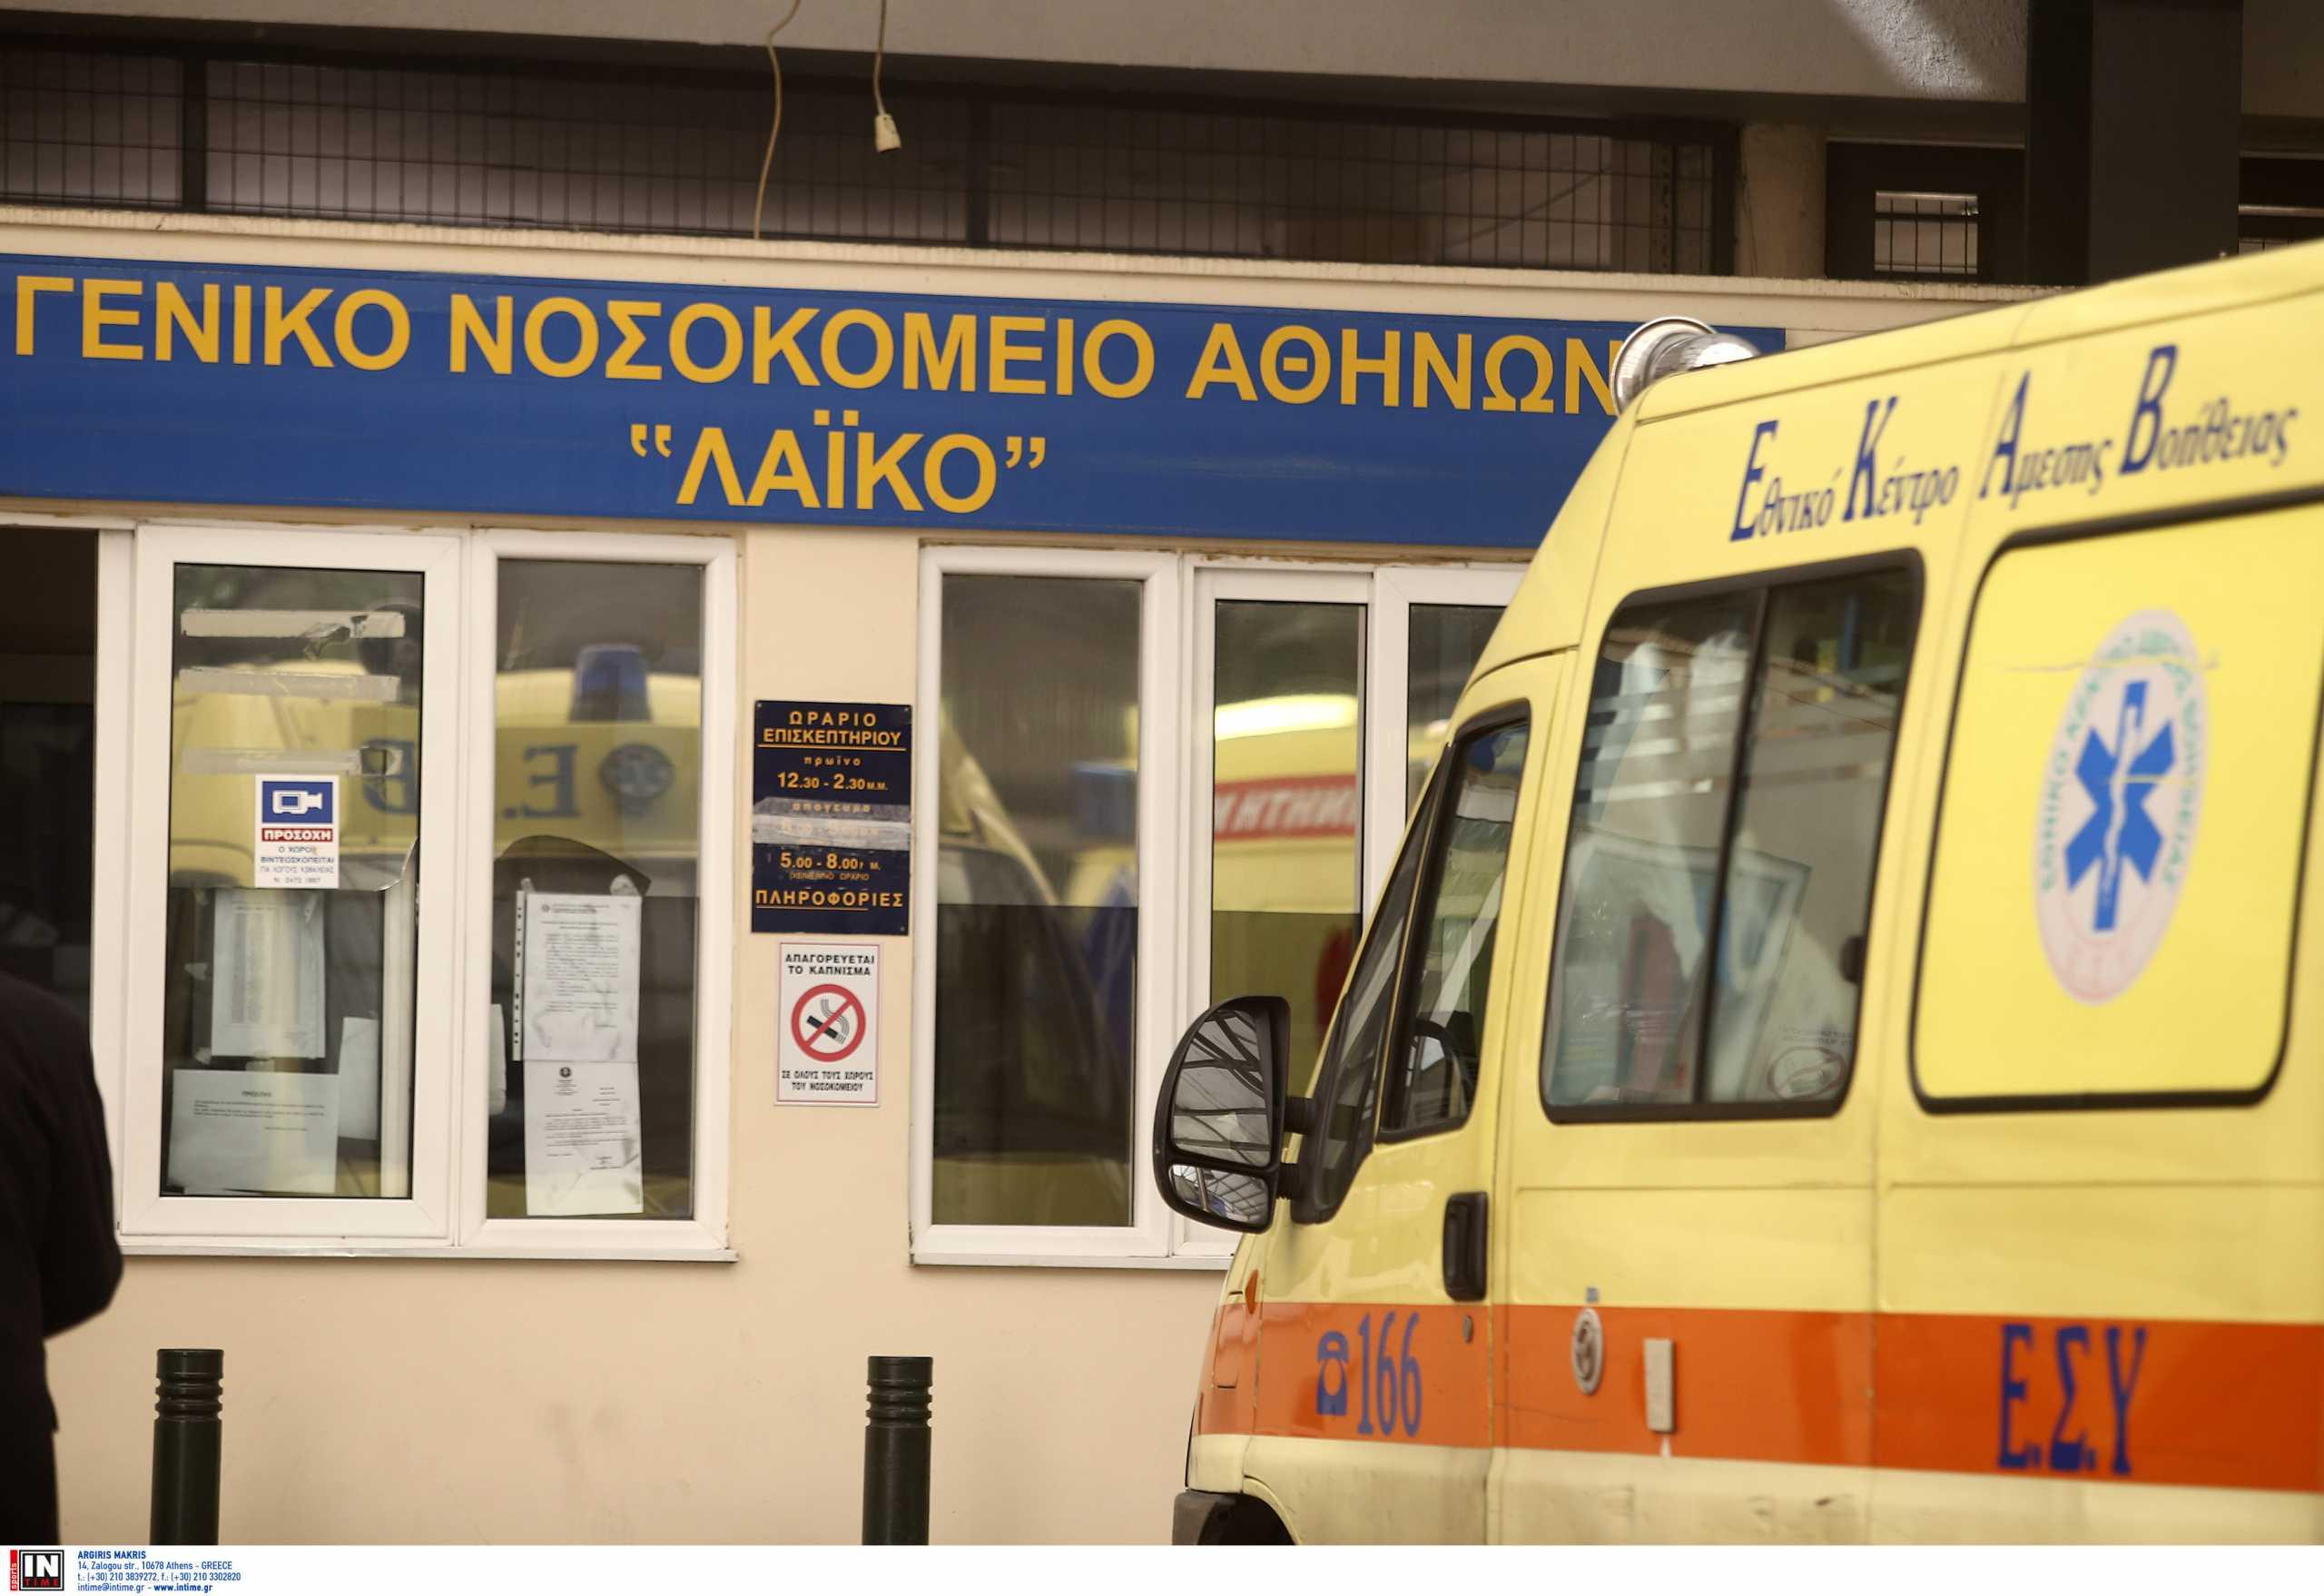 Κορονοϊός: Κόρη ασθενούς στο Λαϊκό απειλεί τους γιατρούς λέγοντας ότι θα θεραπεύσει τον πατέρα της με… αλόη!